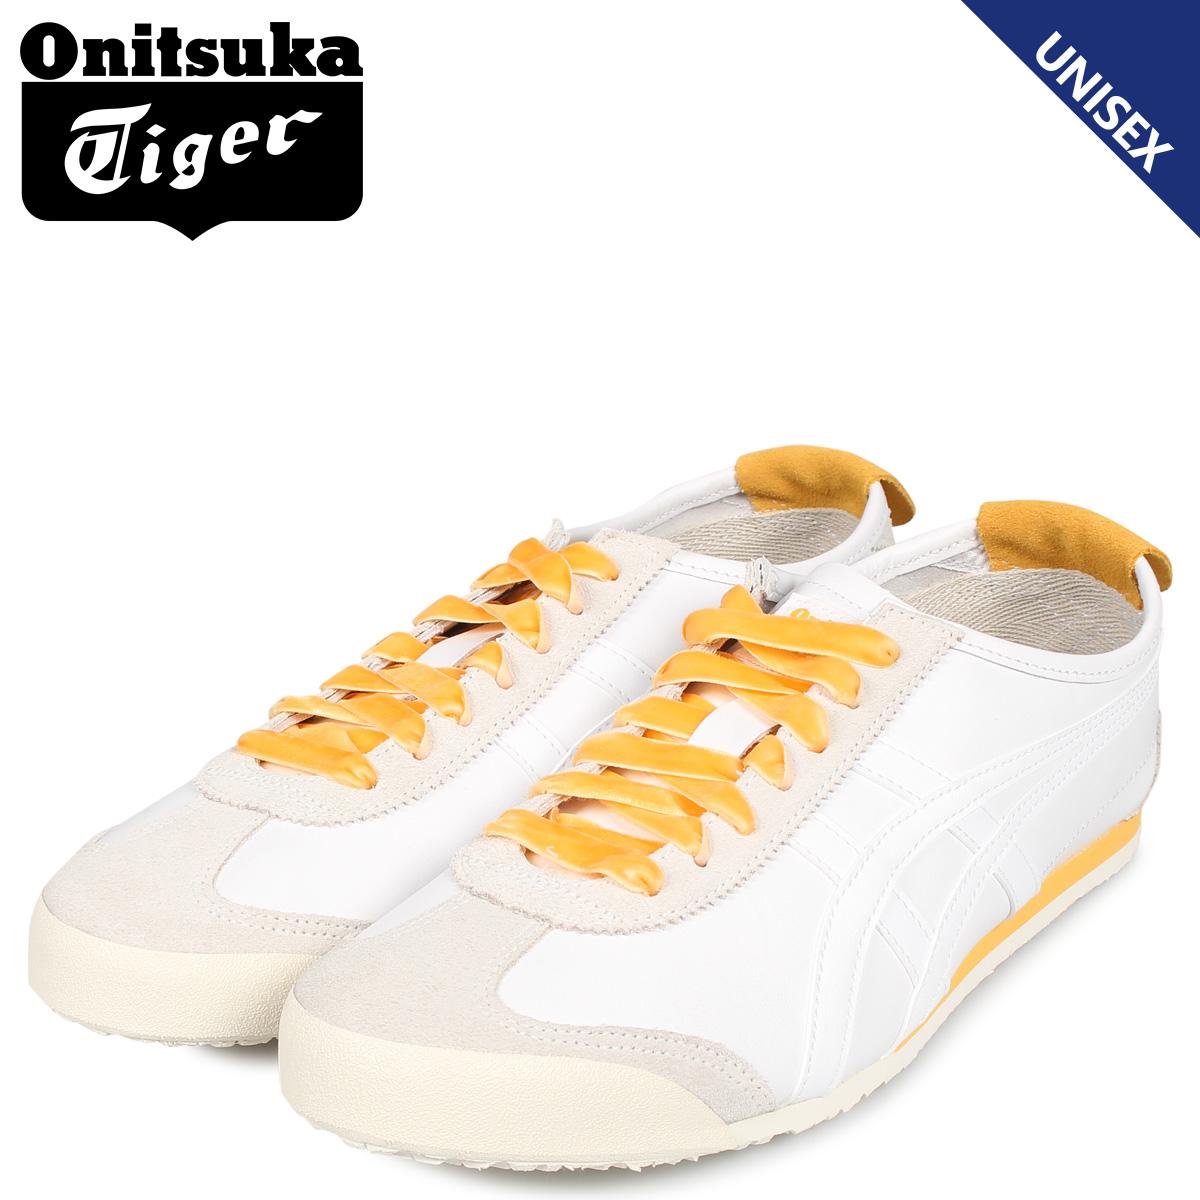 Onitsuka Tiger オニツカタイガー メキシコ 66 スニーカー メンズ レディース MEXICO 66 ホワイト 白 1182A104-101